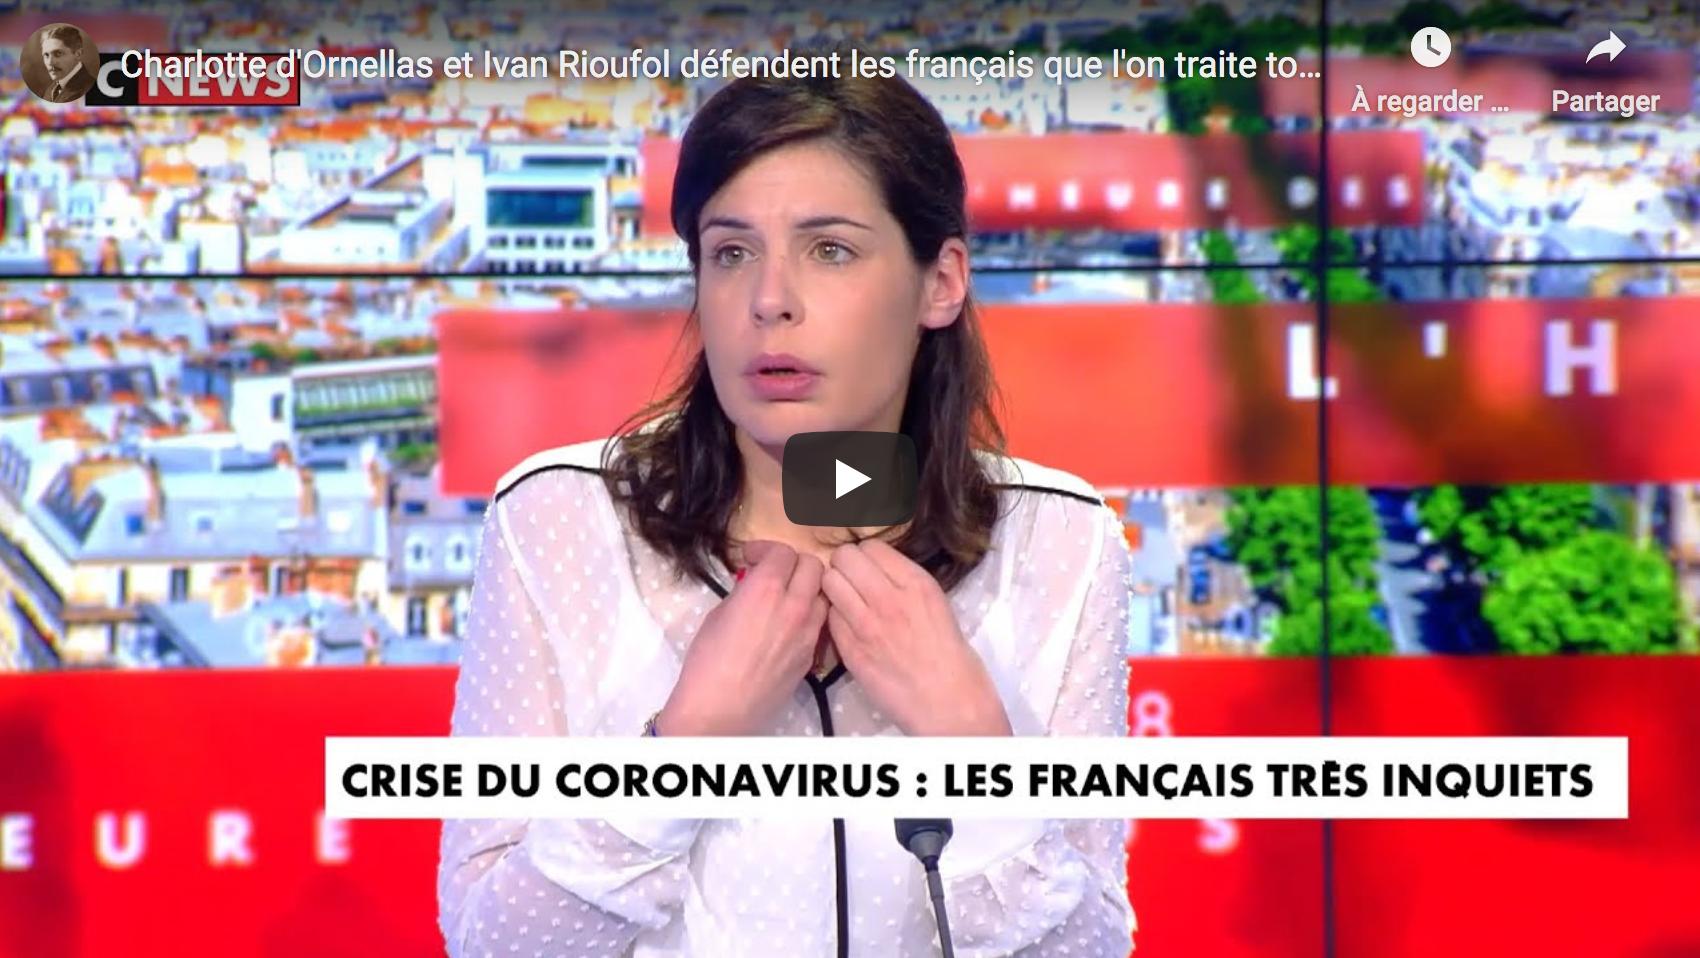 Charlotte d'Ornellas et Ivan Rioufol défendent les Français que l'on traite toujours de complotistes (VIDÉO)